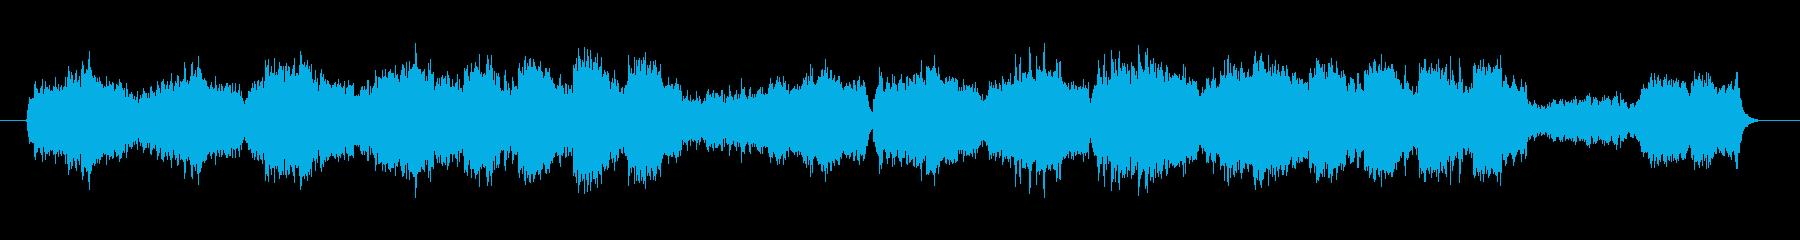 なめらかなリズムで響きのあるメロディーの再生済みの波形